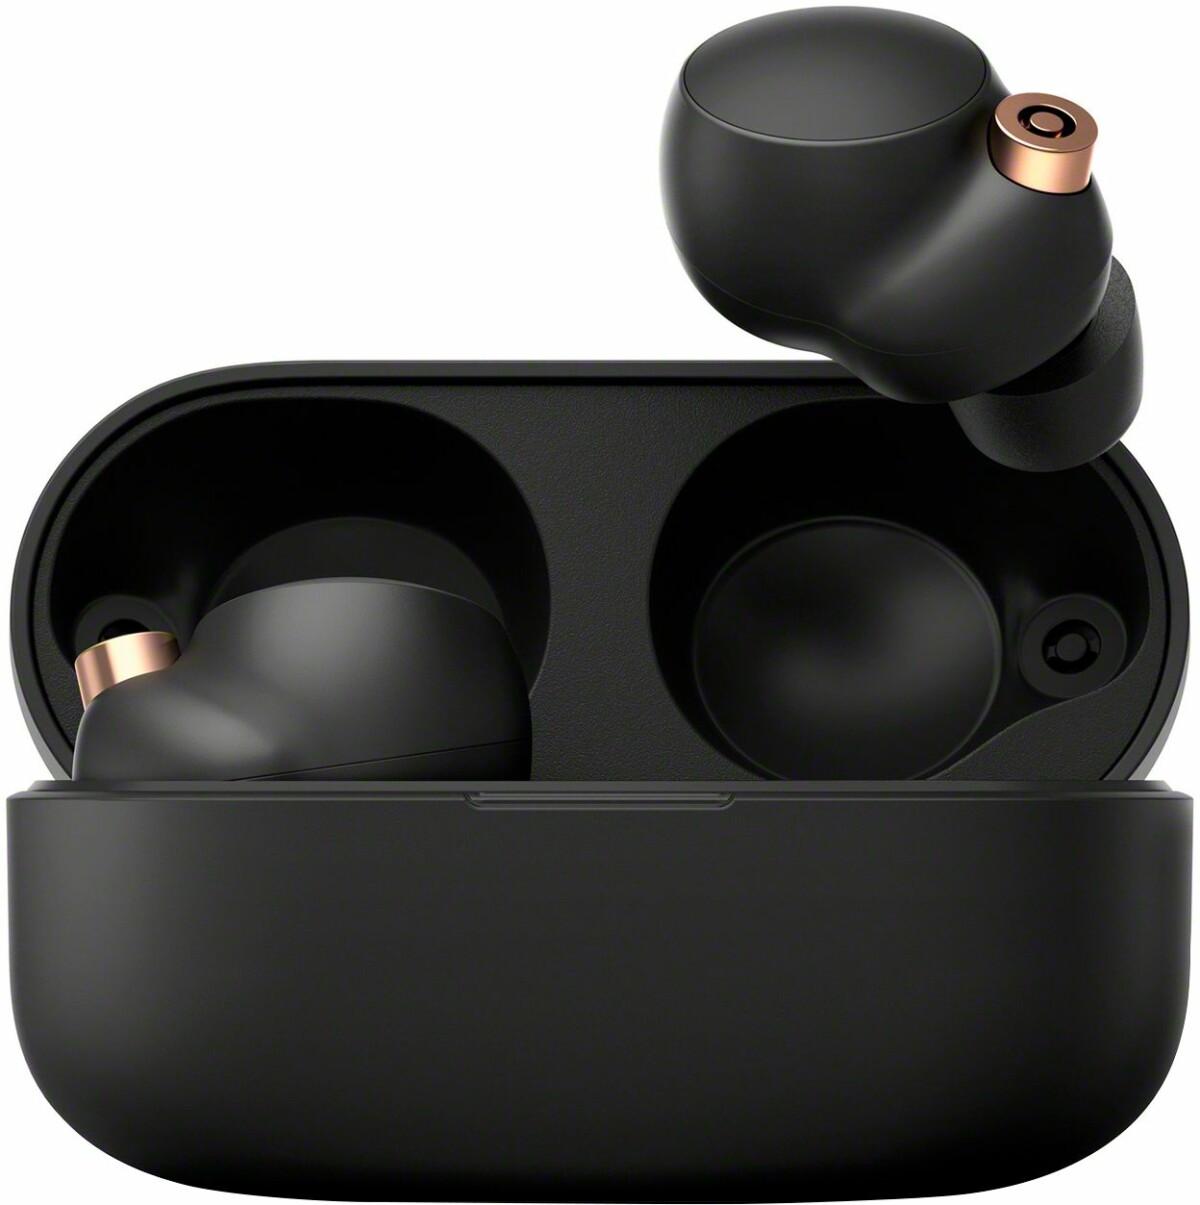 Les écouteurs Sony WF-1000XM4